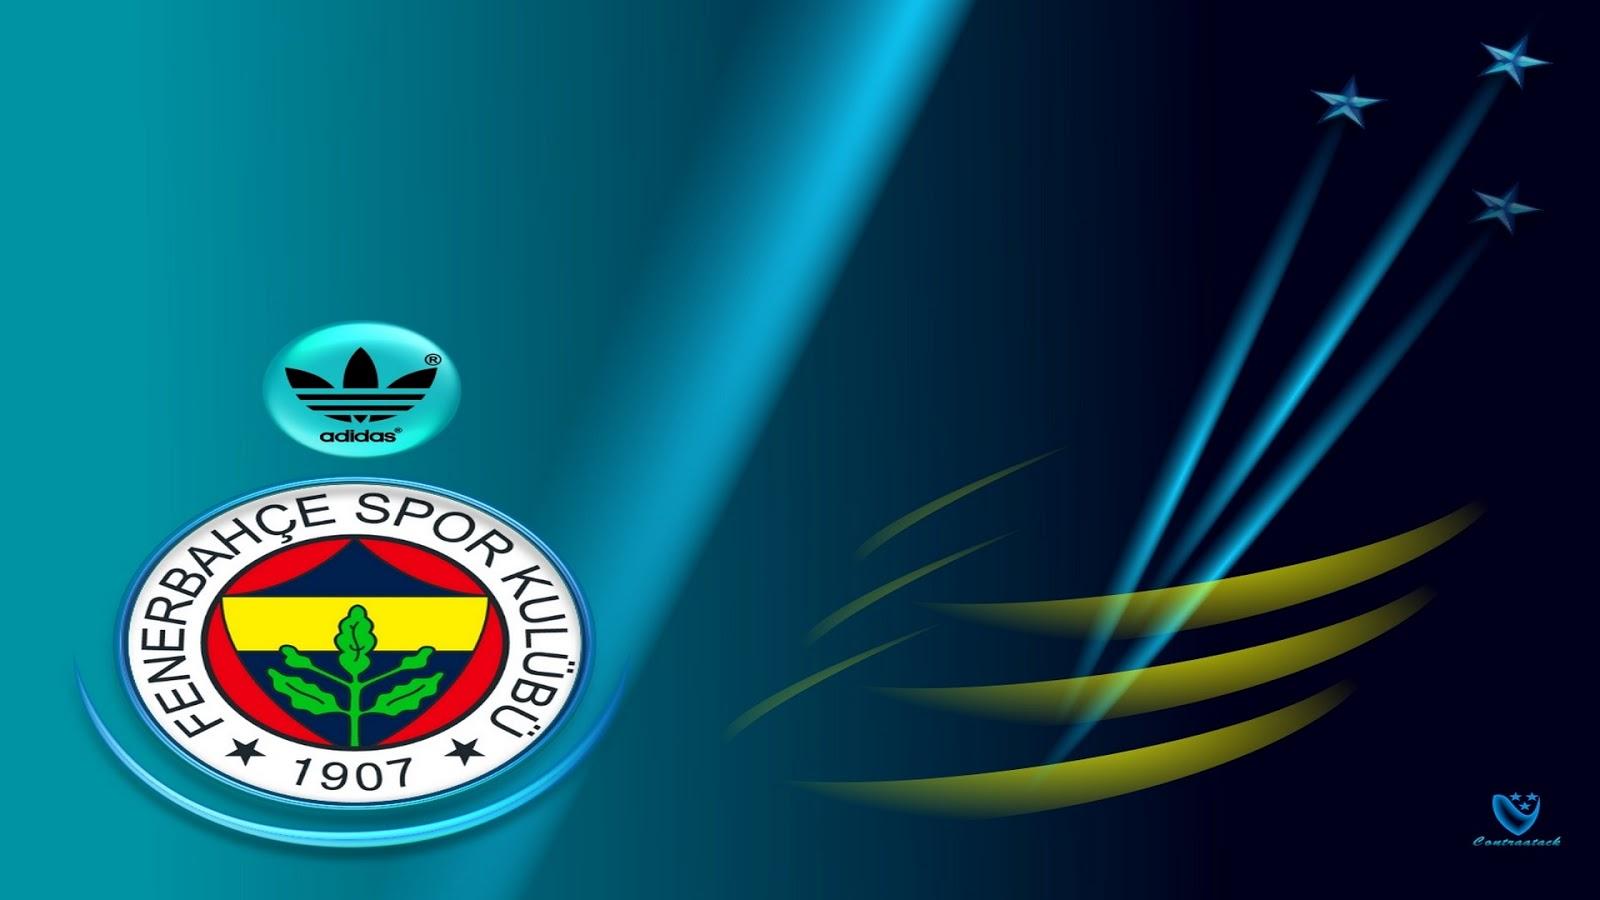 fenerbahce+resim+rooteto+5 Fenerbahçe HD Resimleri